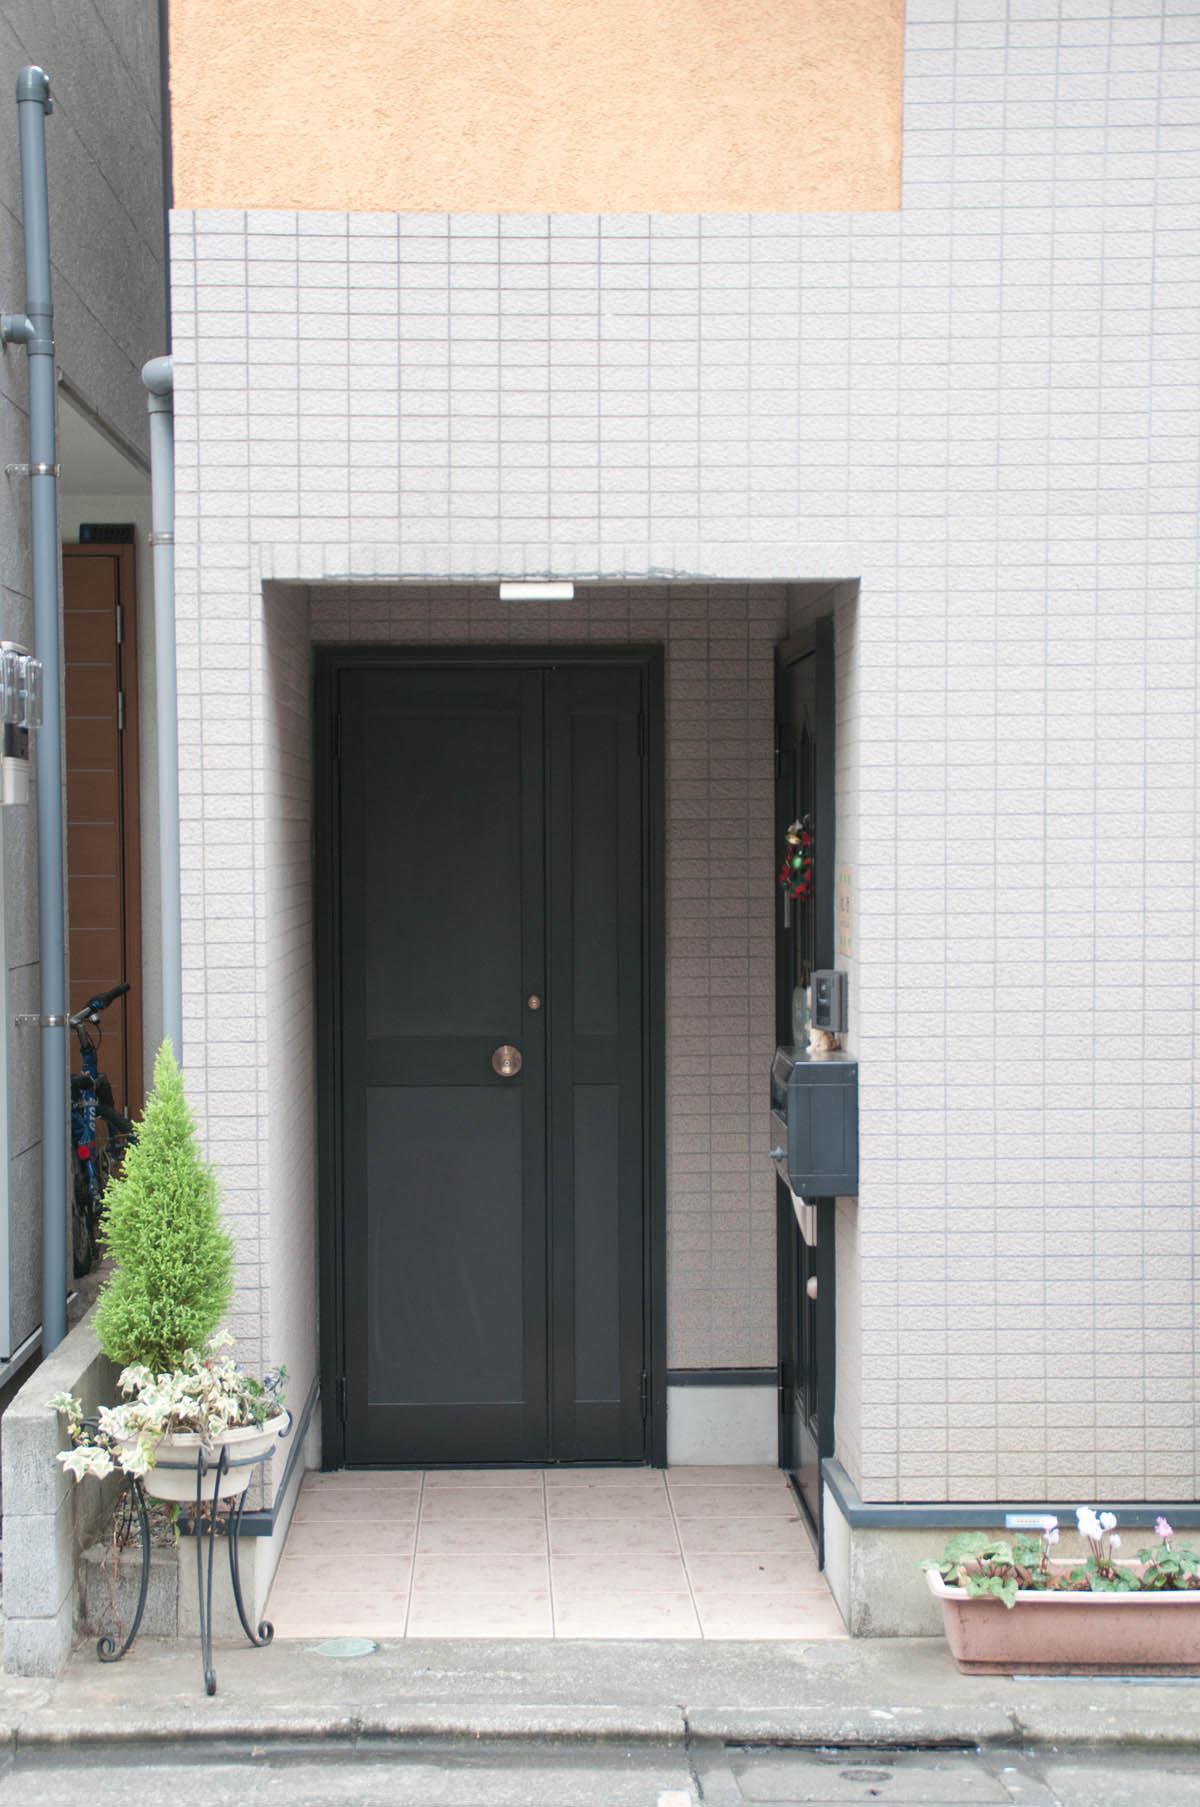 tokyo_doors-26_low